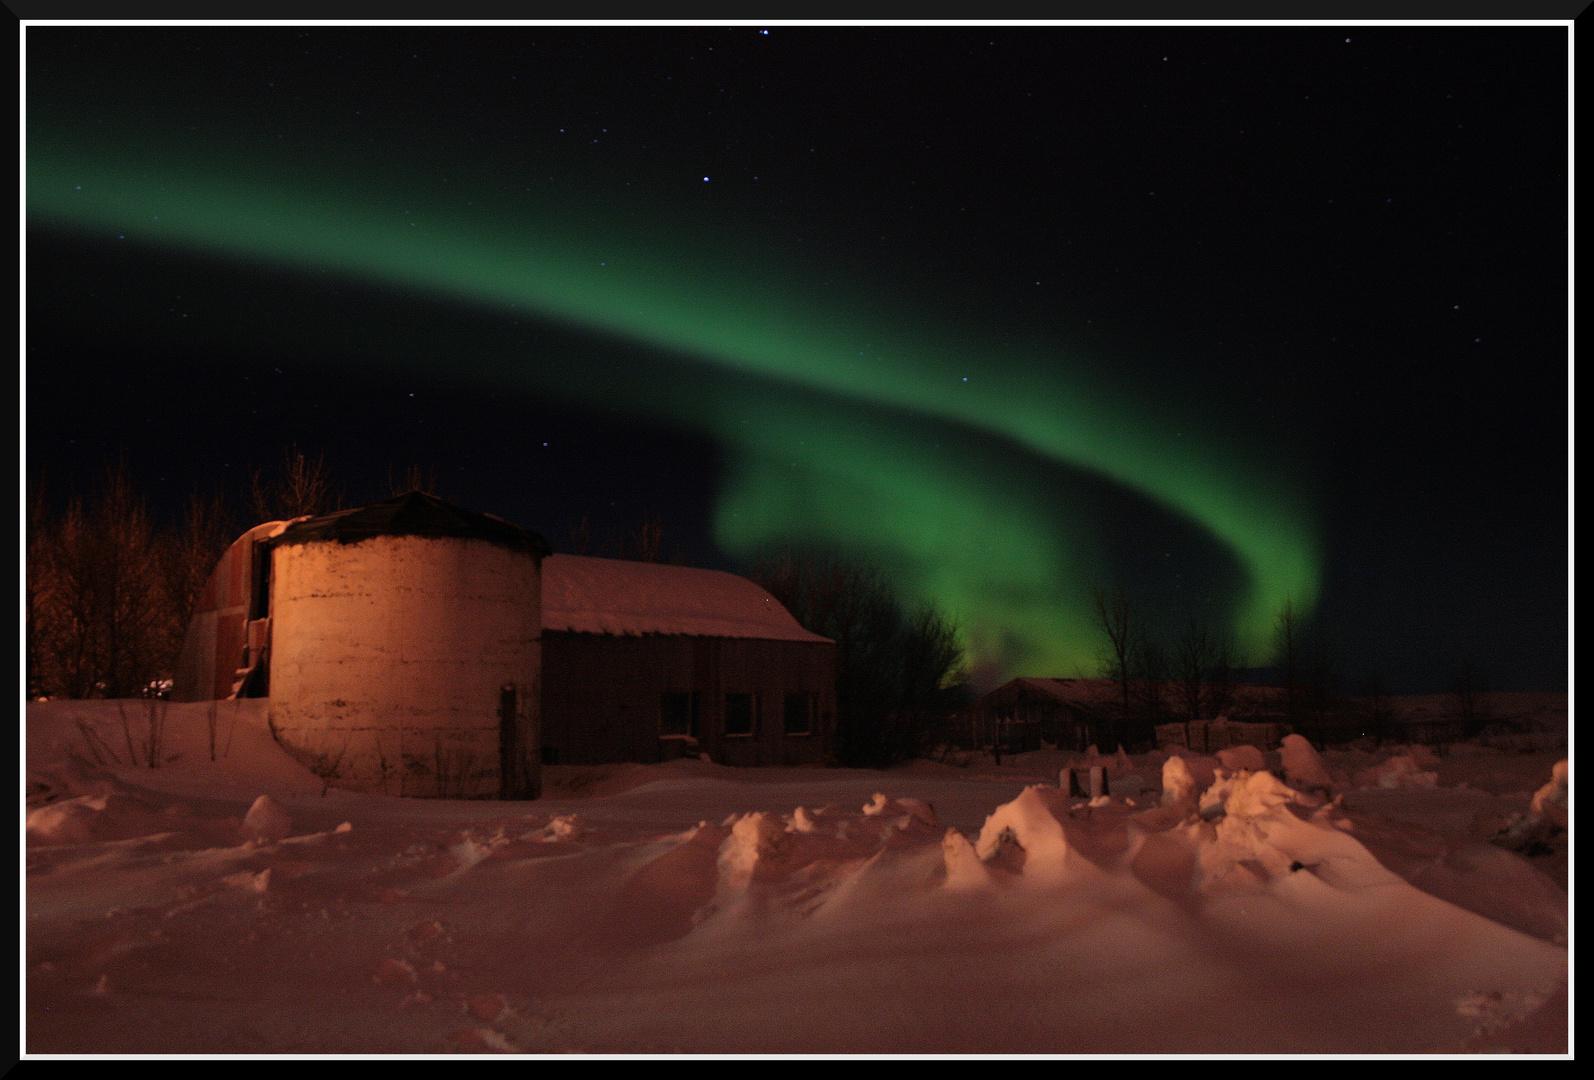 Nordlicht ueber alter Farm,Suedisland 2008